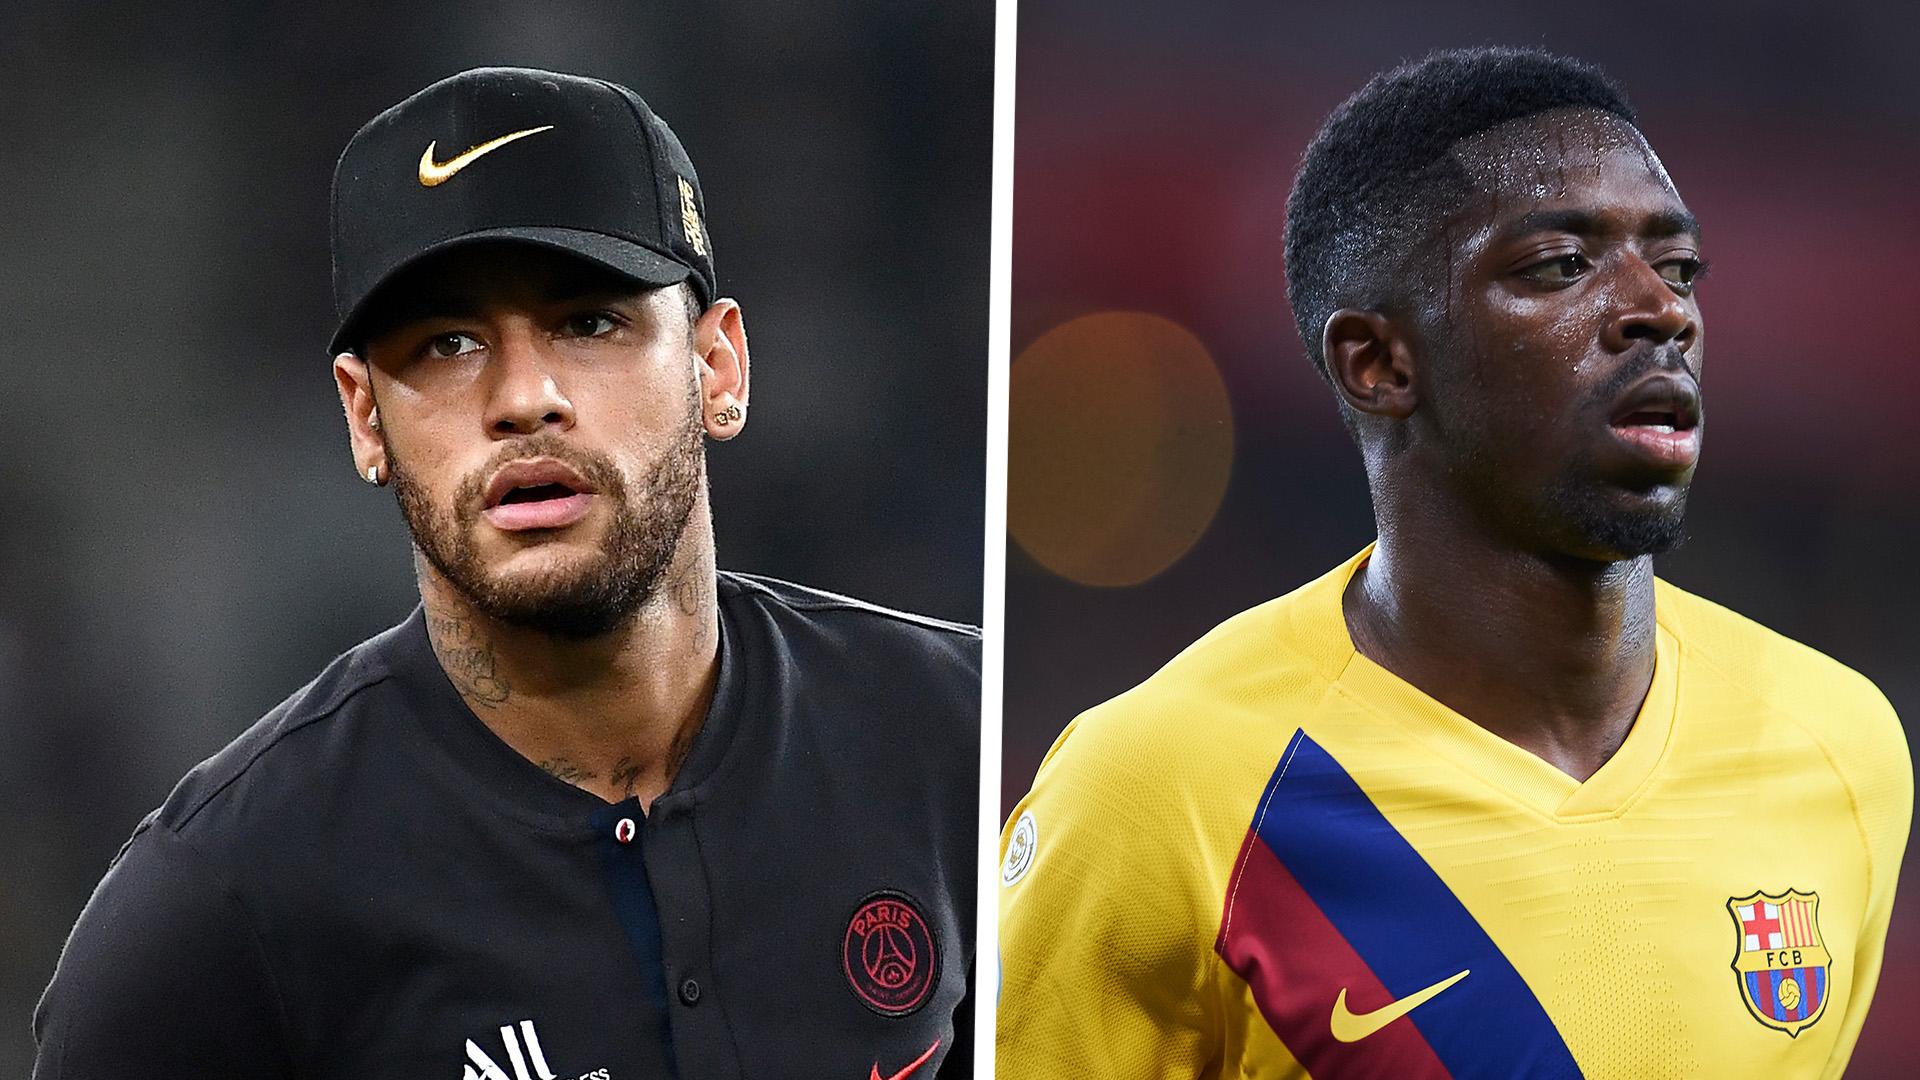 Mercato - PSG : Ousmane Dembélé doit-il accepter d'être inclus dans le transfert de Neymar ?